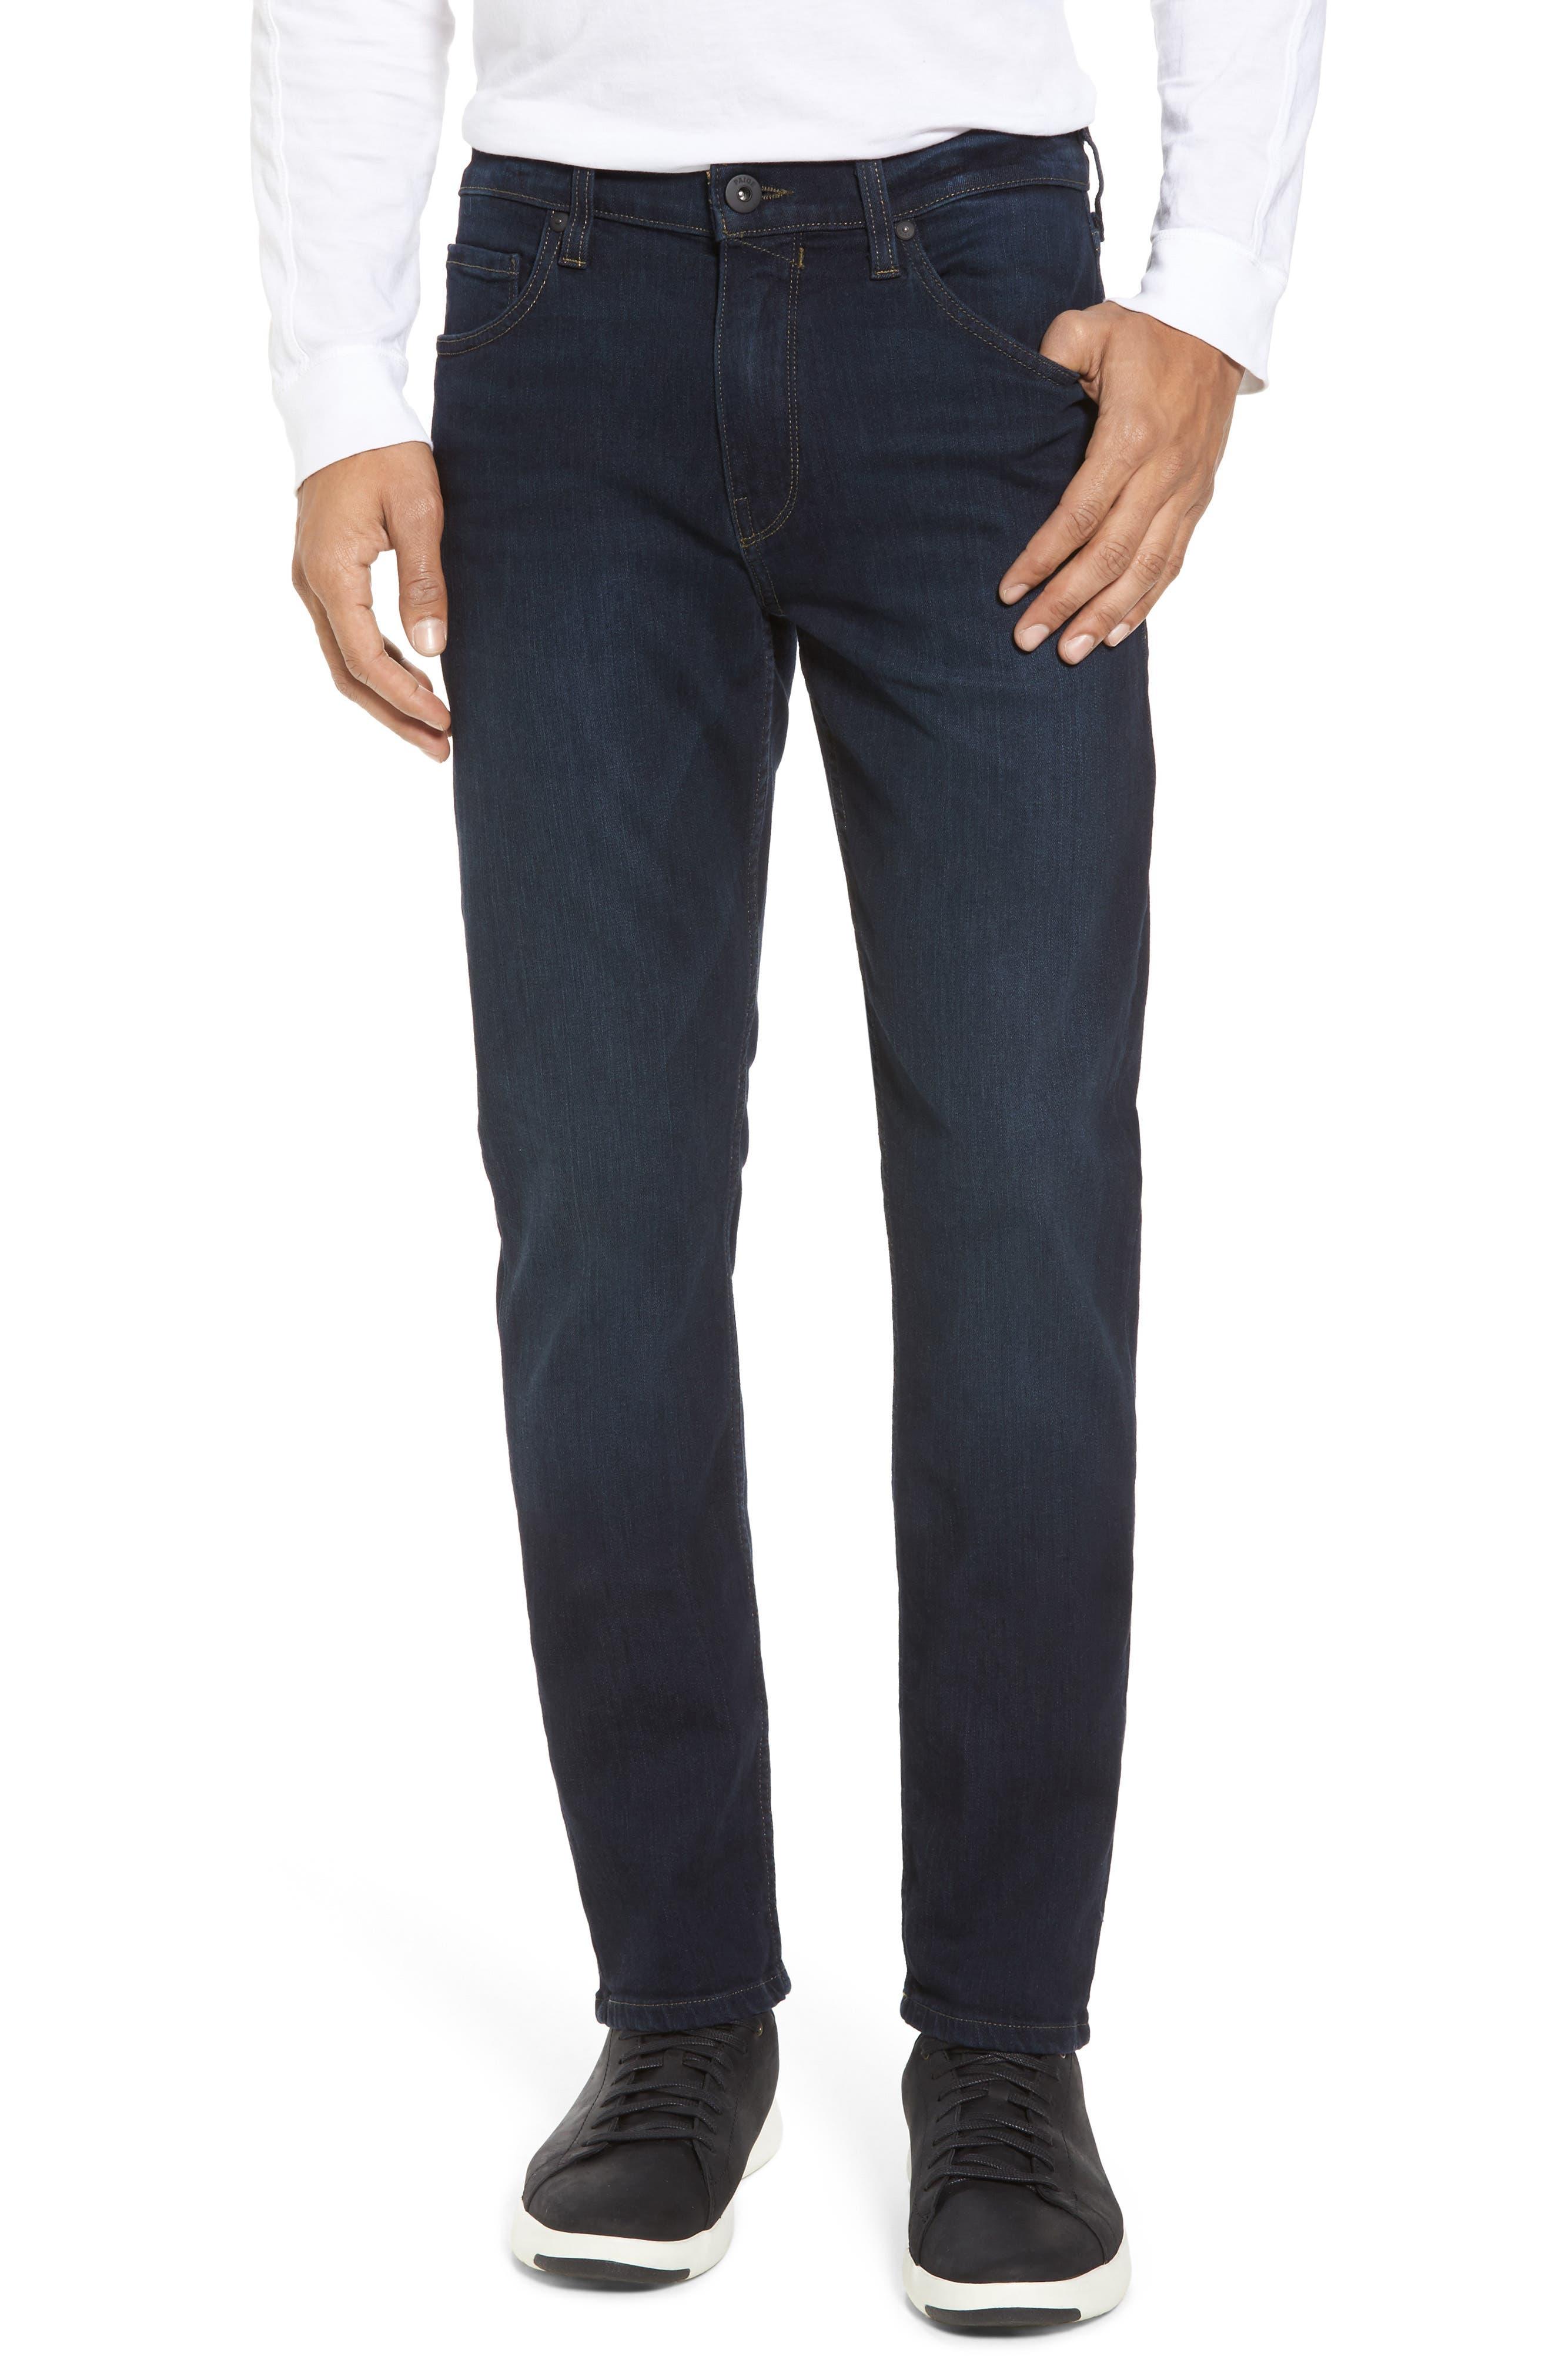 Lennox Slim Fit Jeans,                             Main thumbnail 1, color,                             400